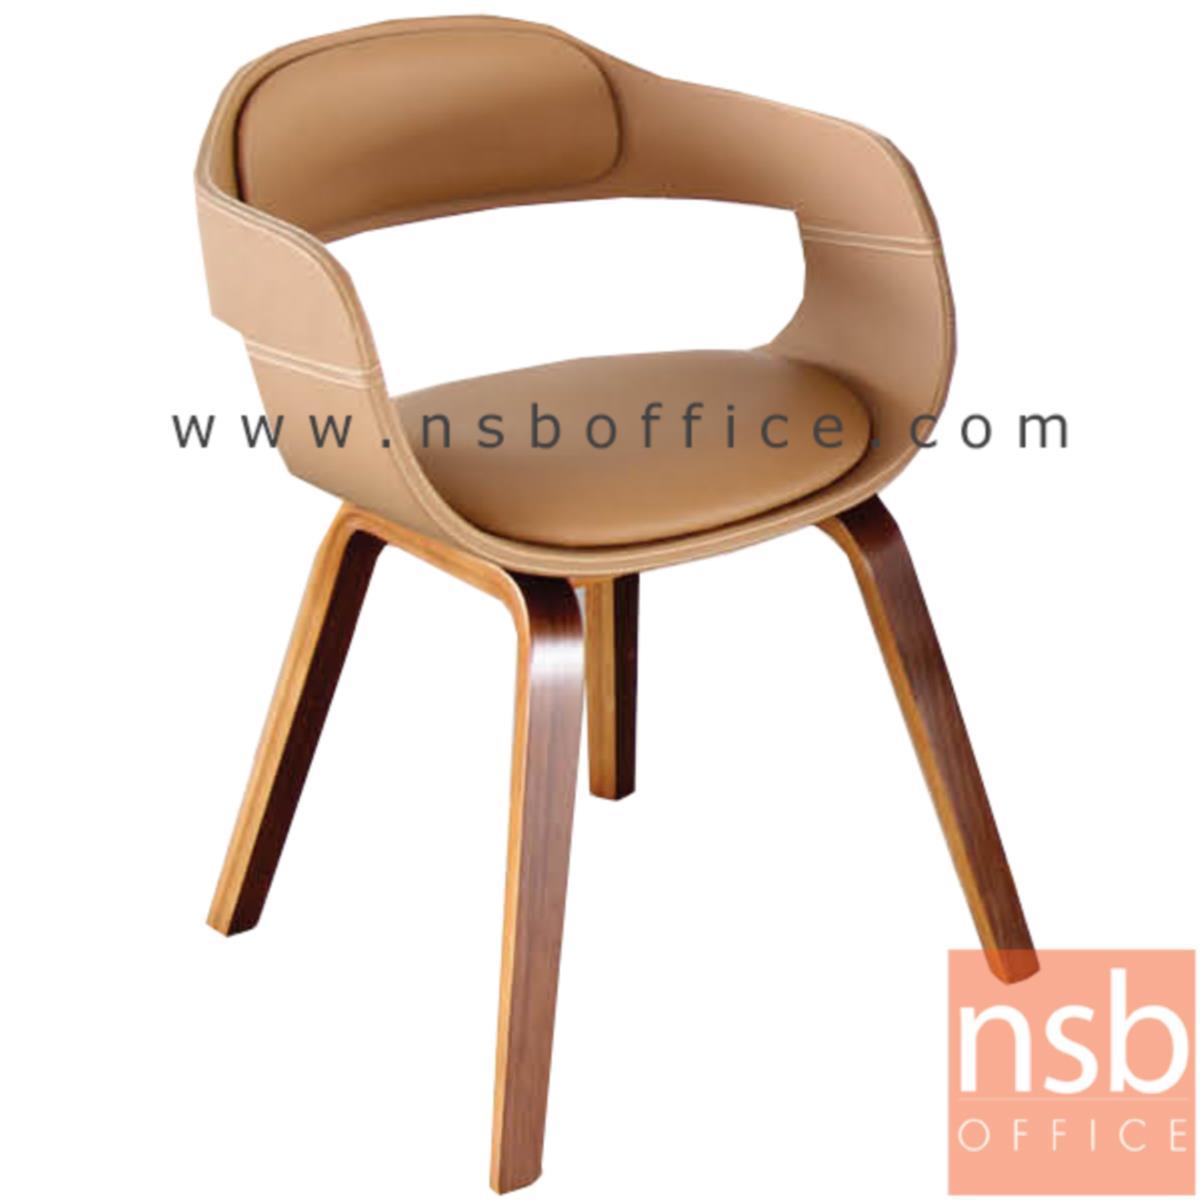 B29A202:เก้าอี้โมเดิร์นหนังเทียม รุ่น Mandurah (แมนเจอรา) ขนาด 40W cm. โครงไม้ปิดผิววีเนียร์